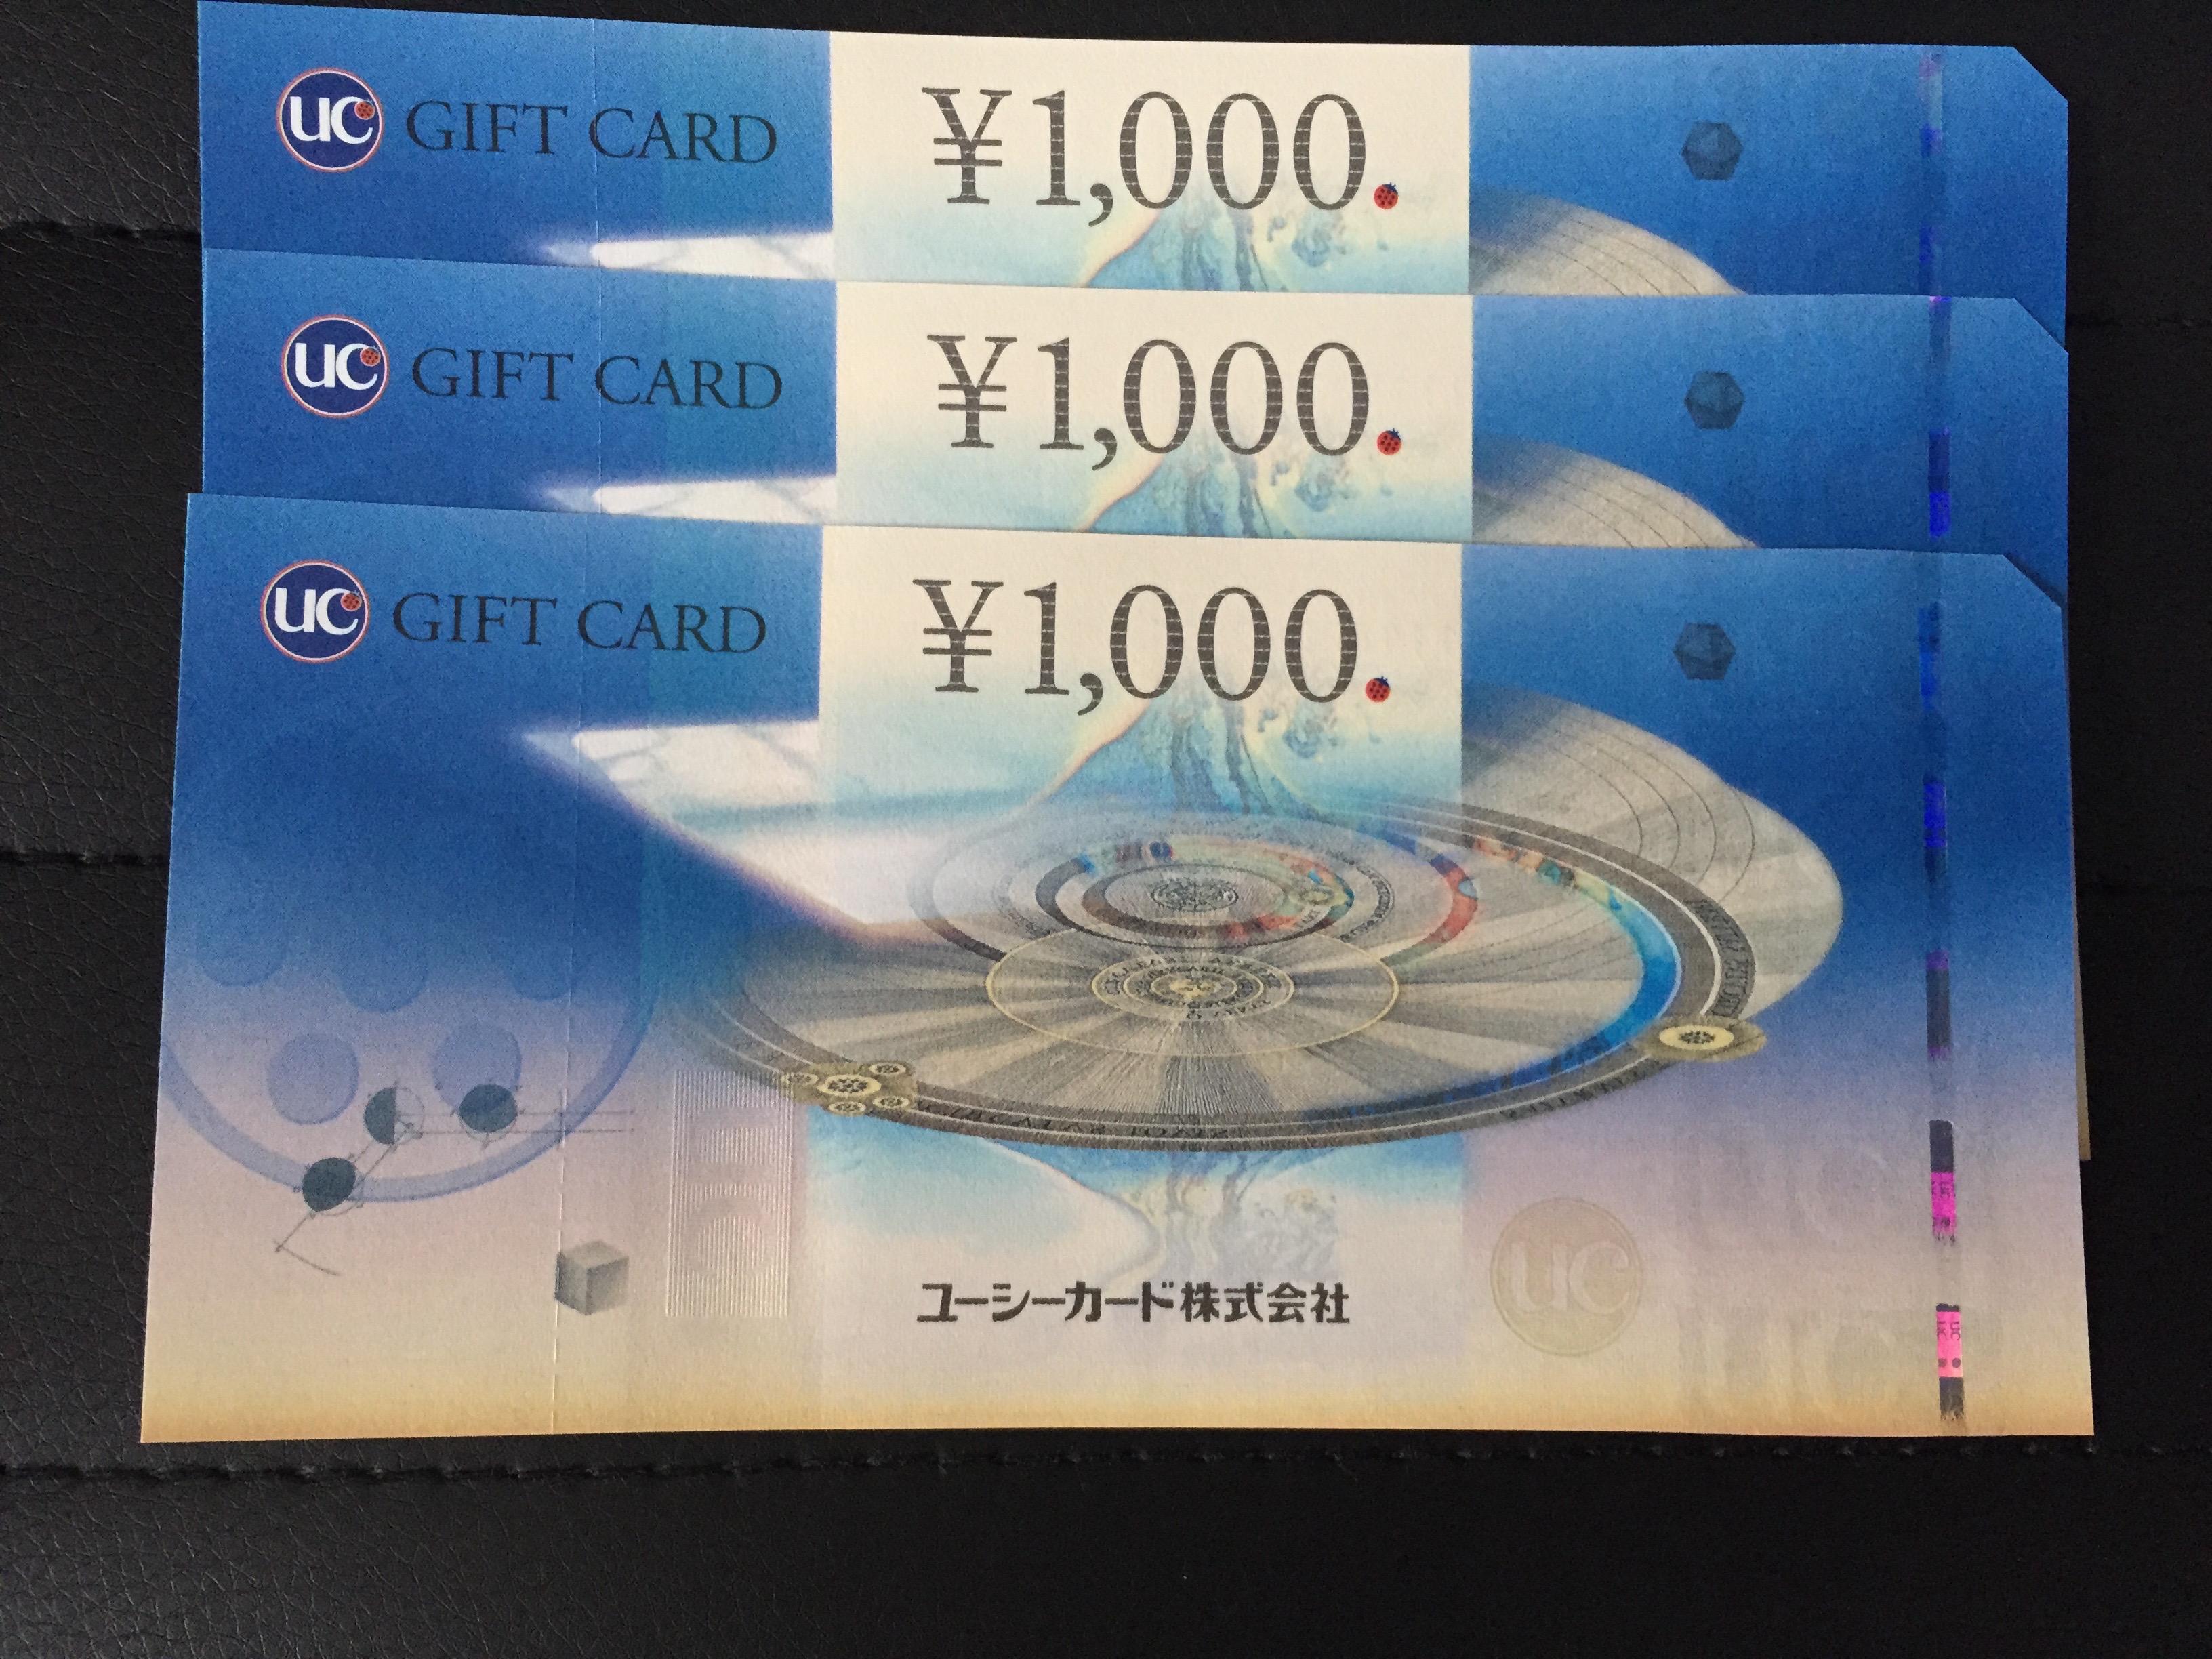 ユニゾホールディングス(3258)株主優待を徹底紹介!! ギフトカードに加えて宿泊割引券も貰える!!